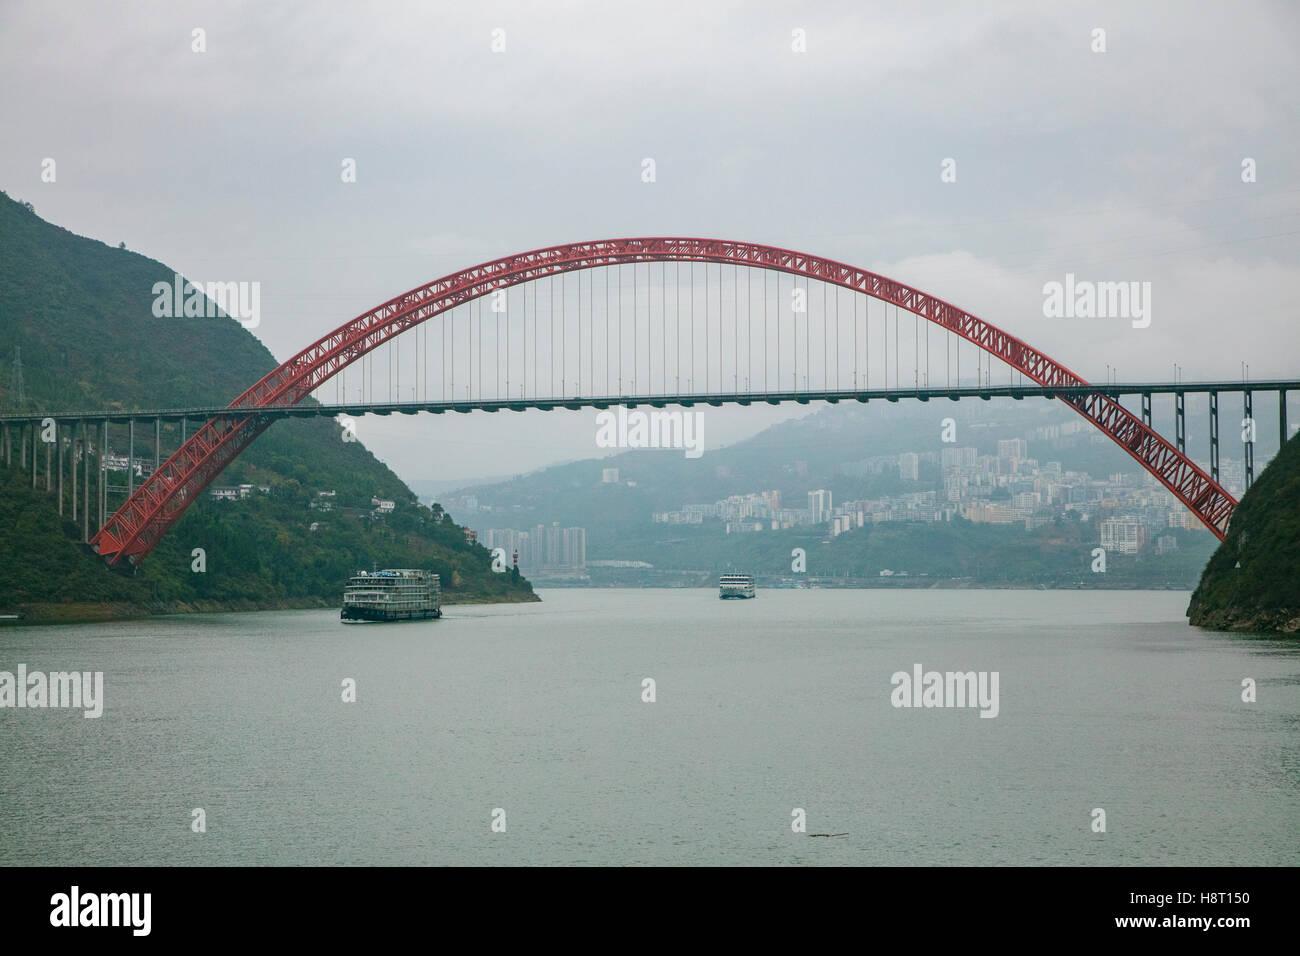 Victoria Cruceros, Viaje del río Yangtze, China Imagen De Stock